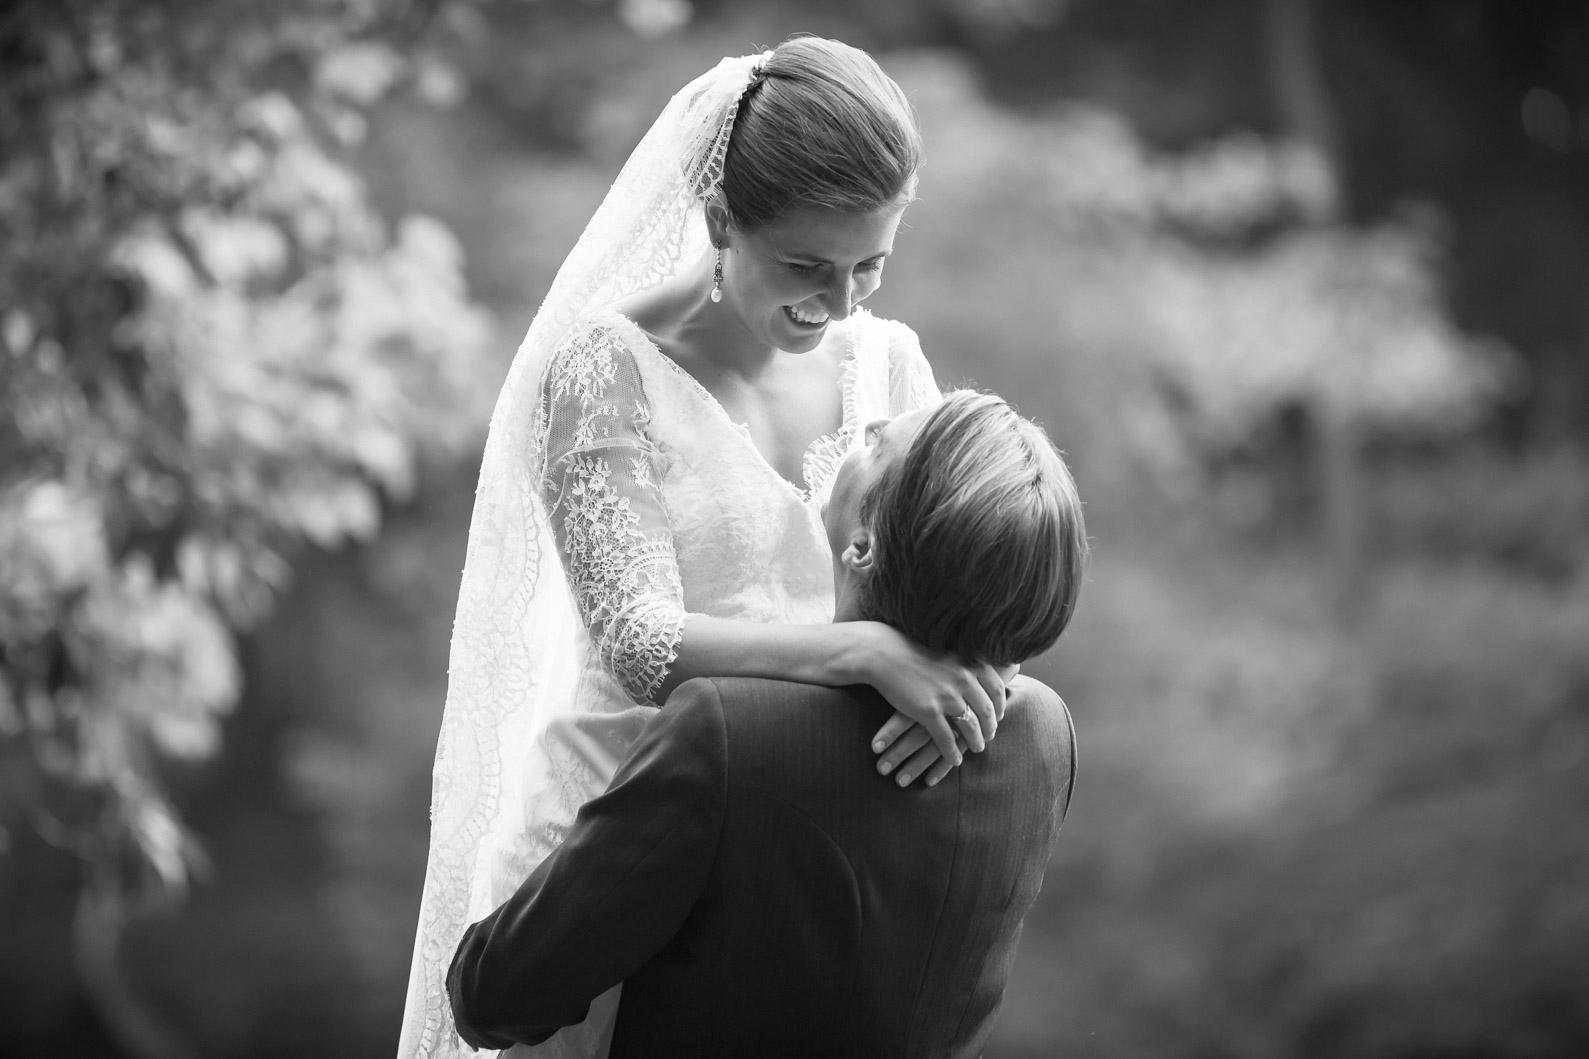 mariage-photo-naturel 2.jpg